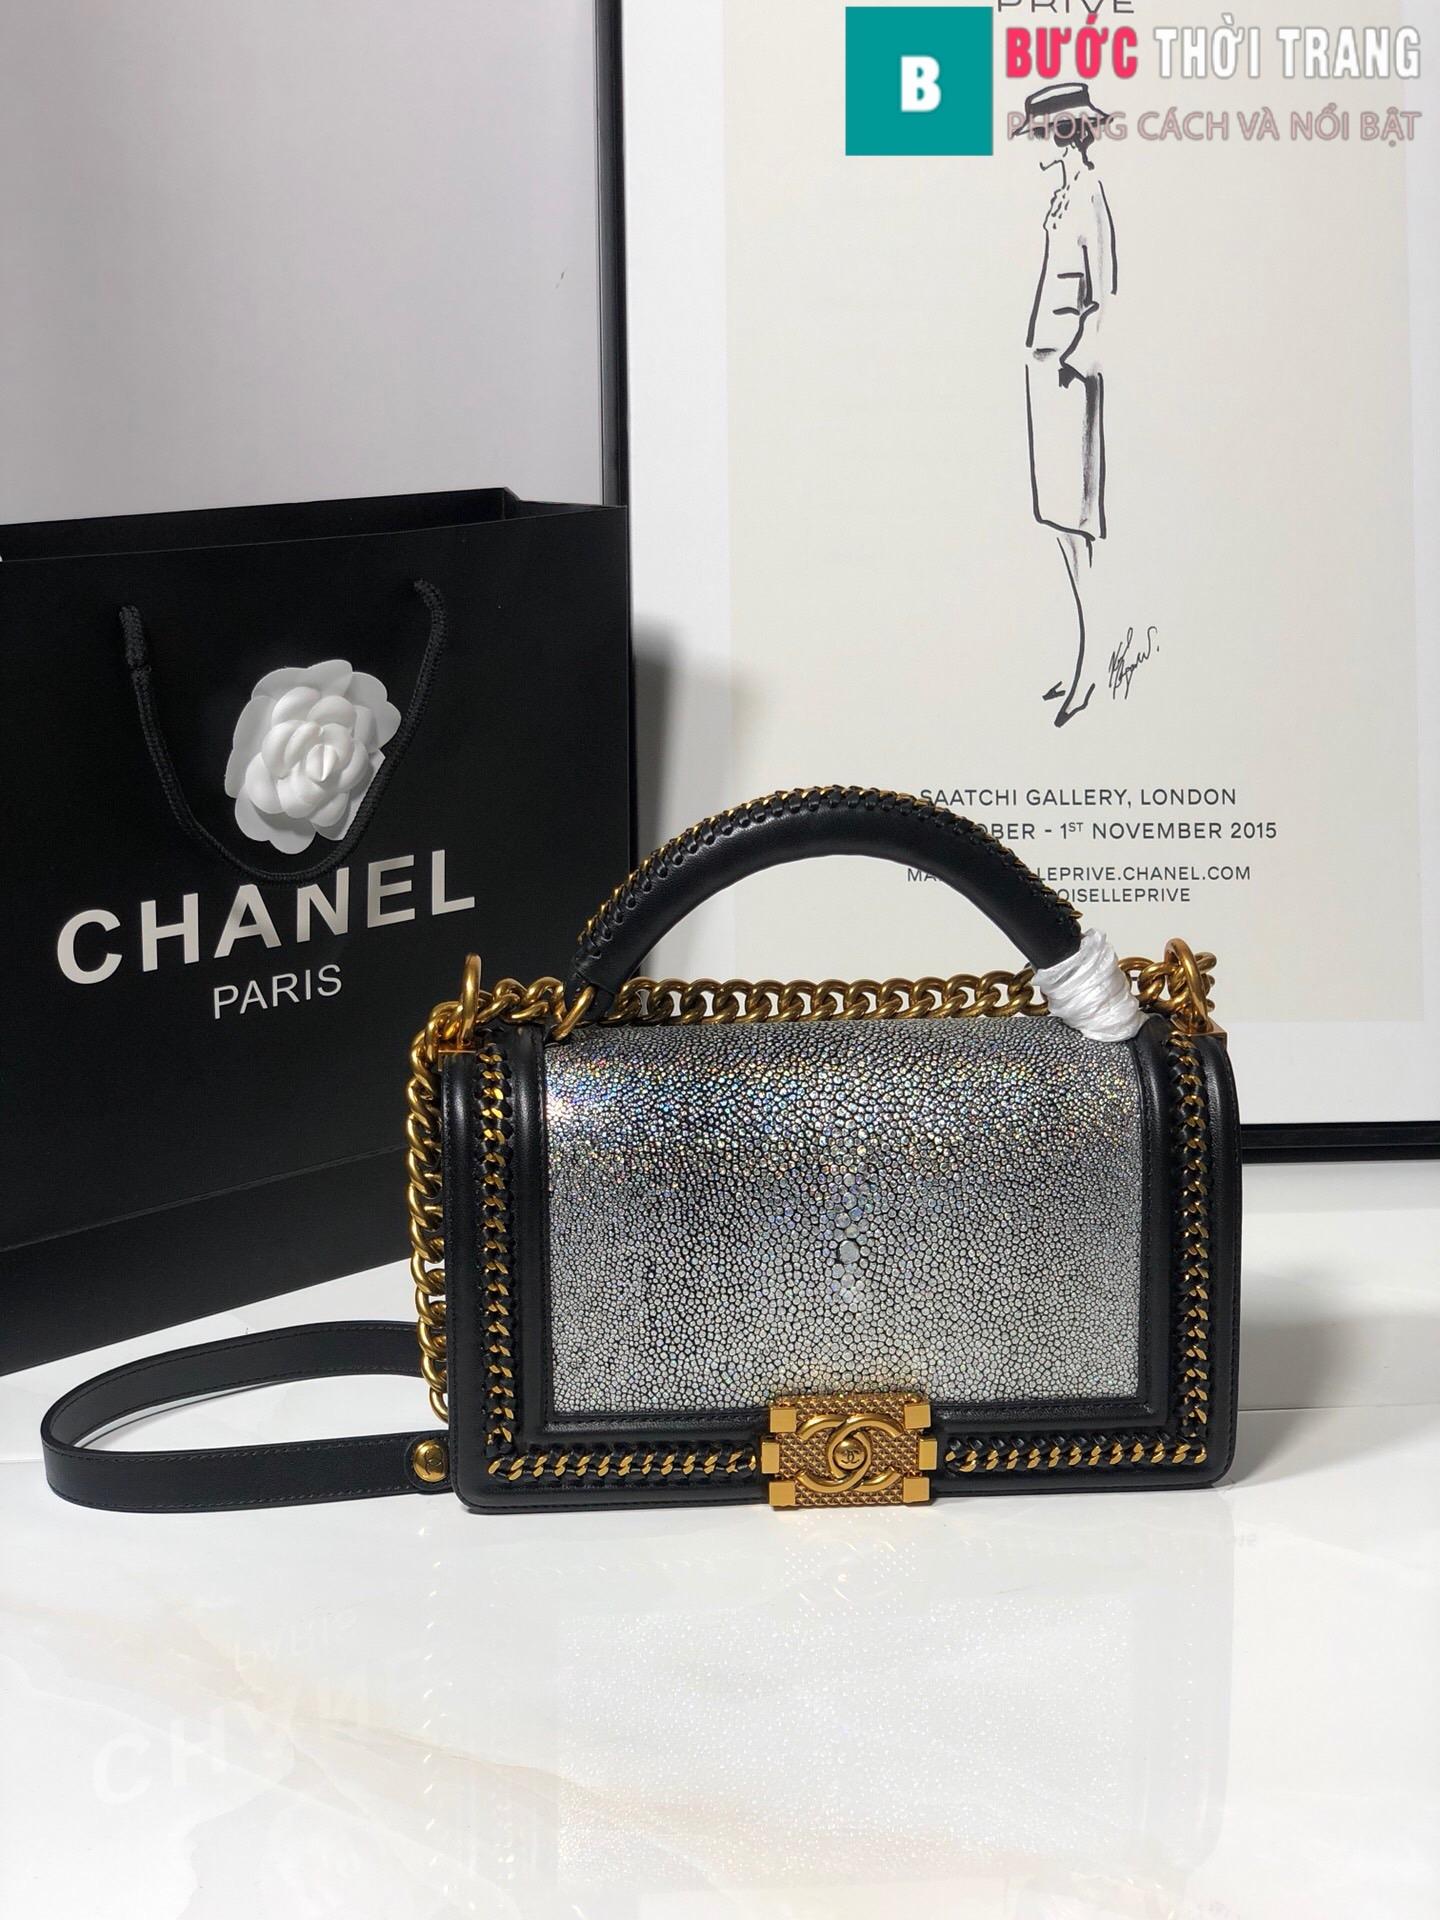 Túi xách Chanel boy siêu cấp da cá đuối (45)